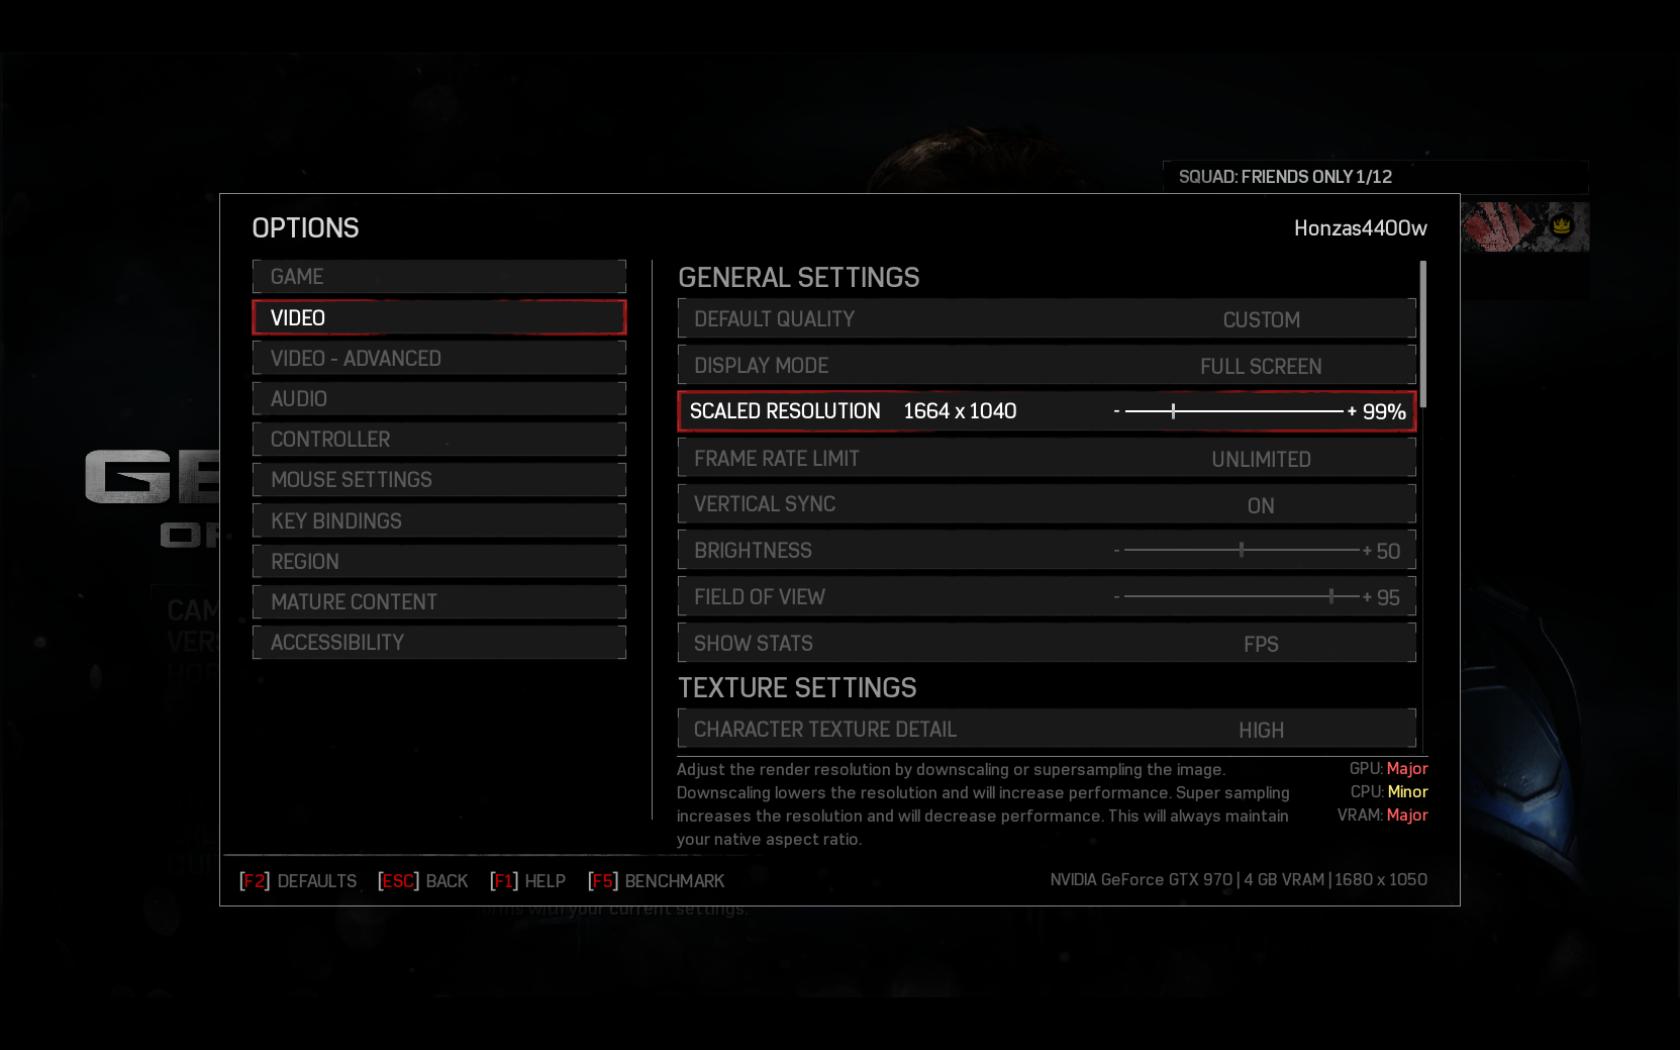 PC verze Gears of War 4 si zaslouží velkou pochvalu 131658